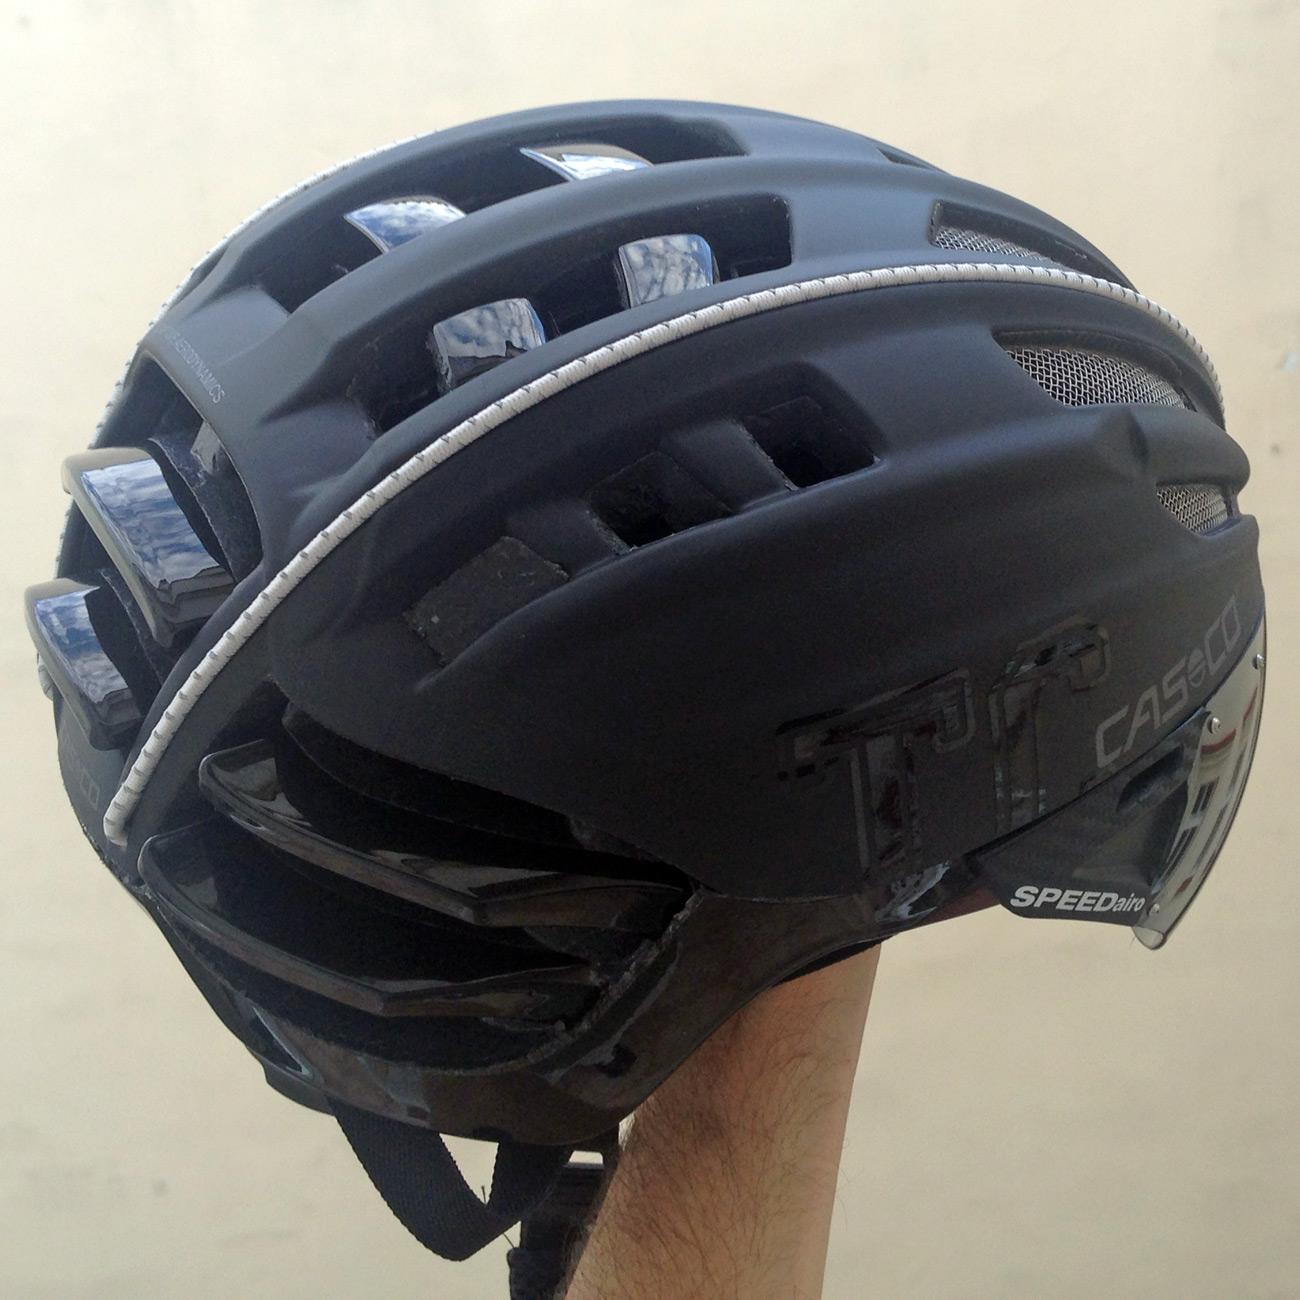 Casco_Speed-Airo-TCS-aero-road-helmet_rear-side-vents